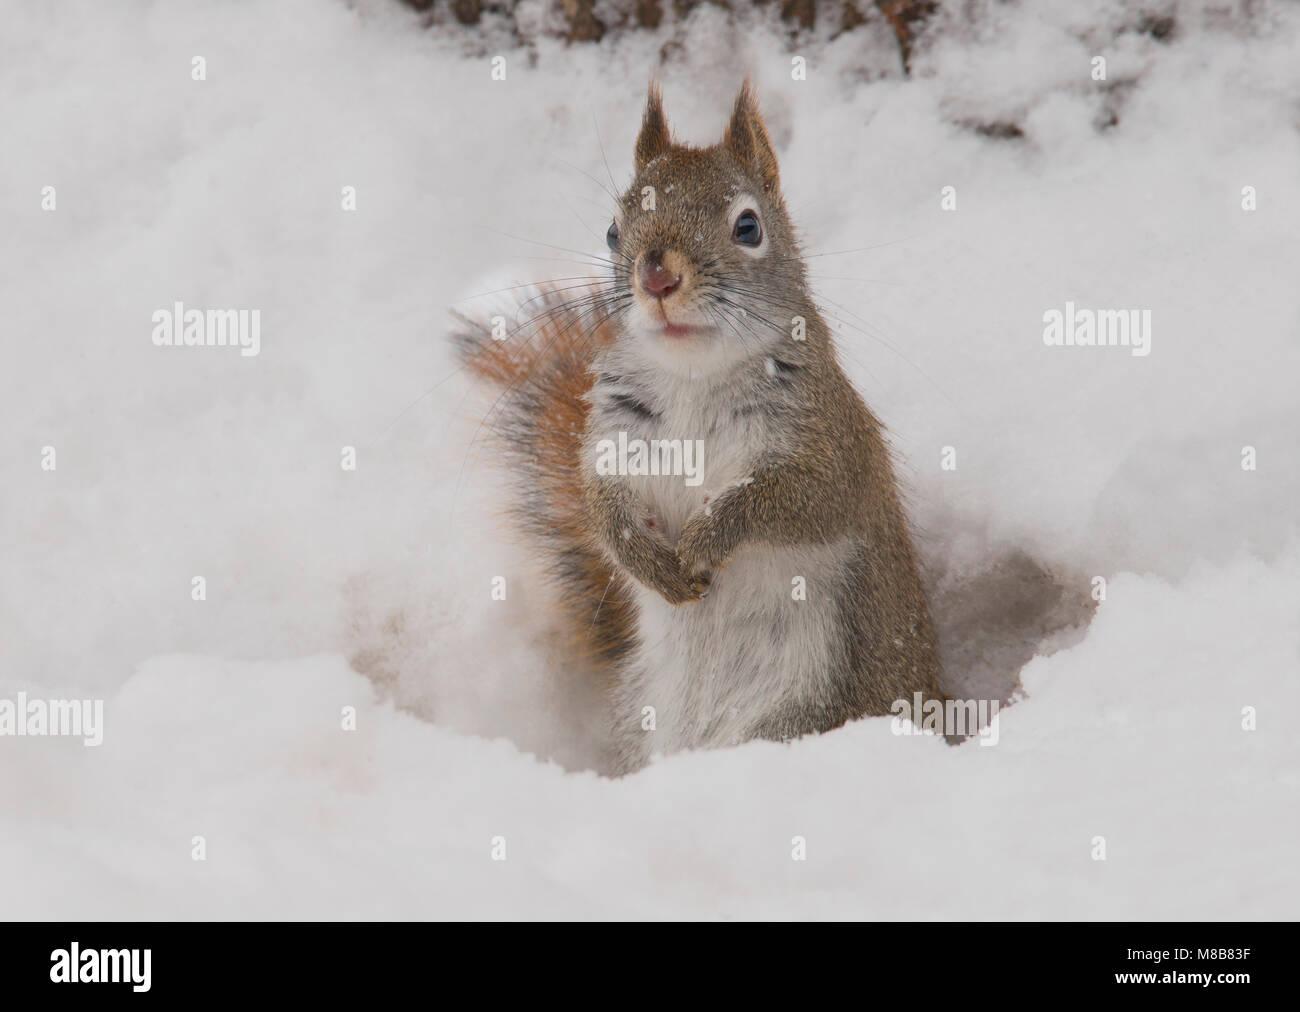 Amerikanische Rote Eichhörnchen (Tamiasciurus hudsonicus), Winter, E USA, durch Überspringen Moody/Dembinsky Stockbild